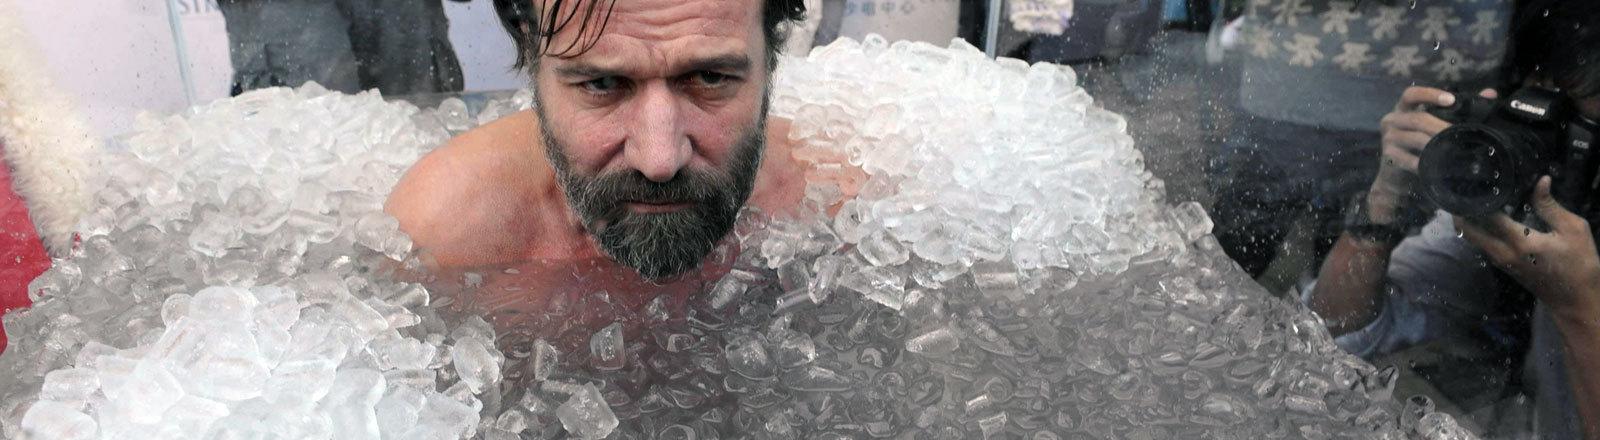 Wim Hof badet in Eis.